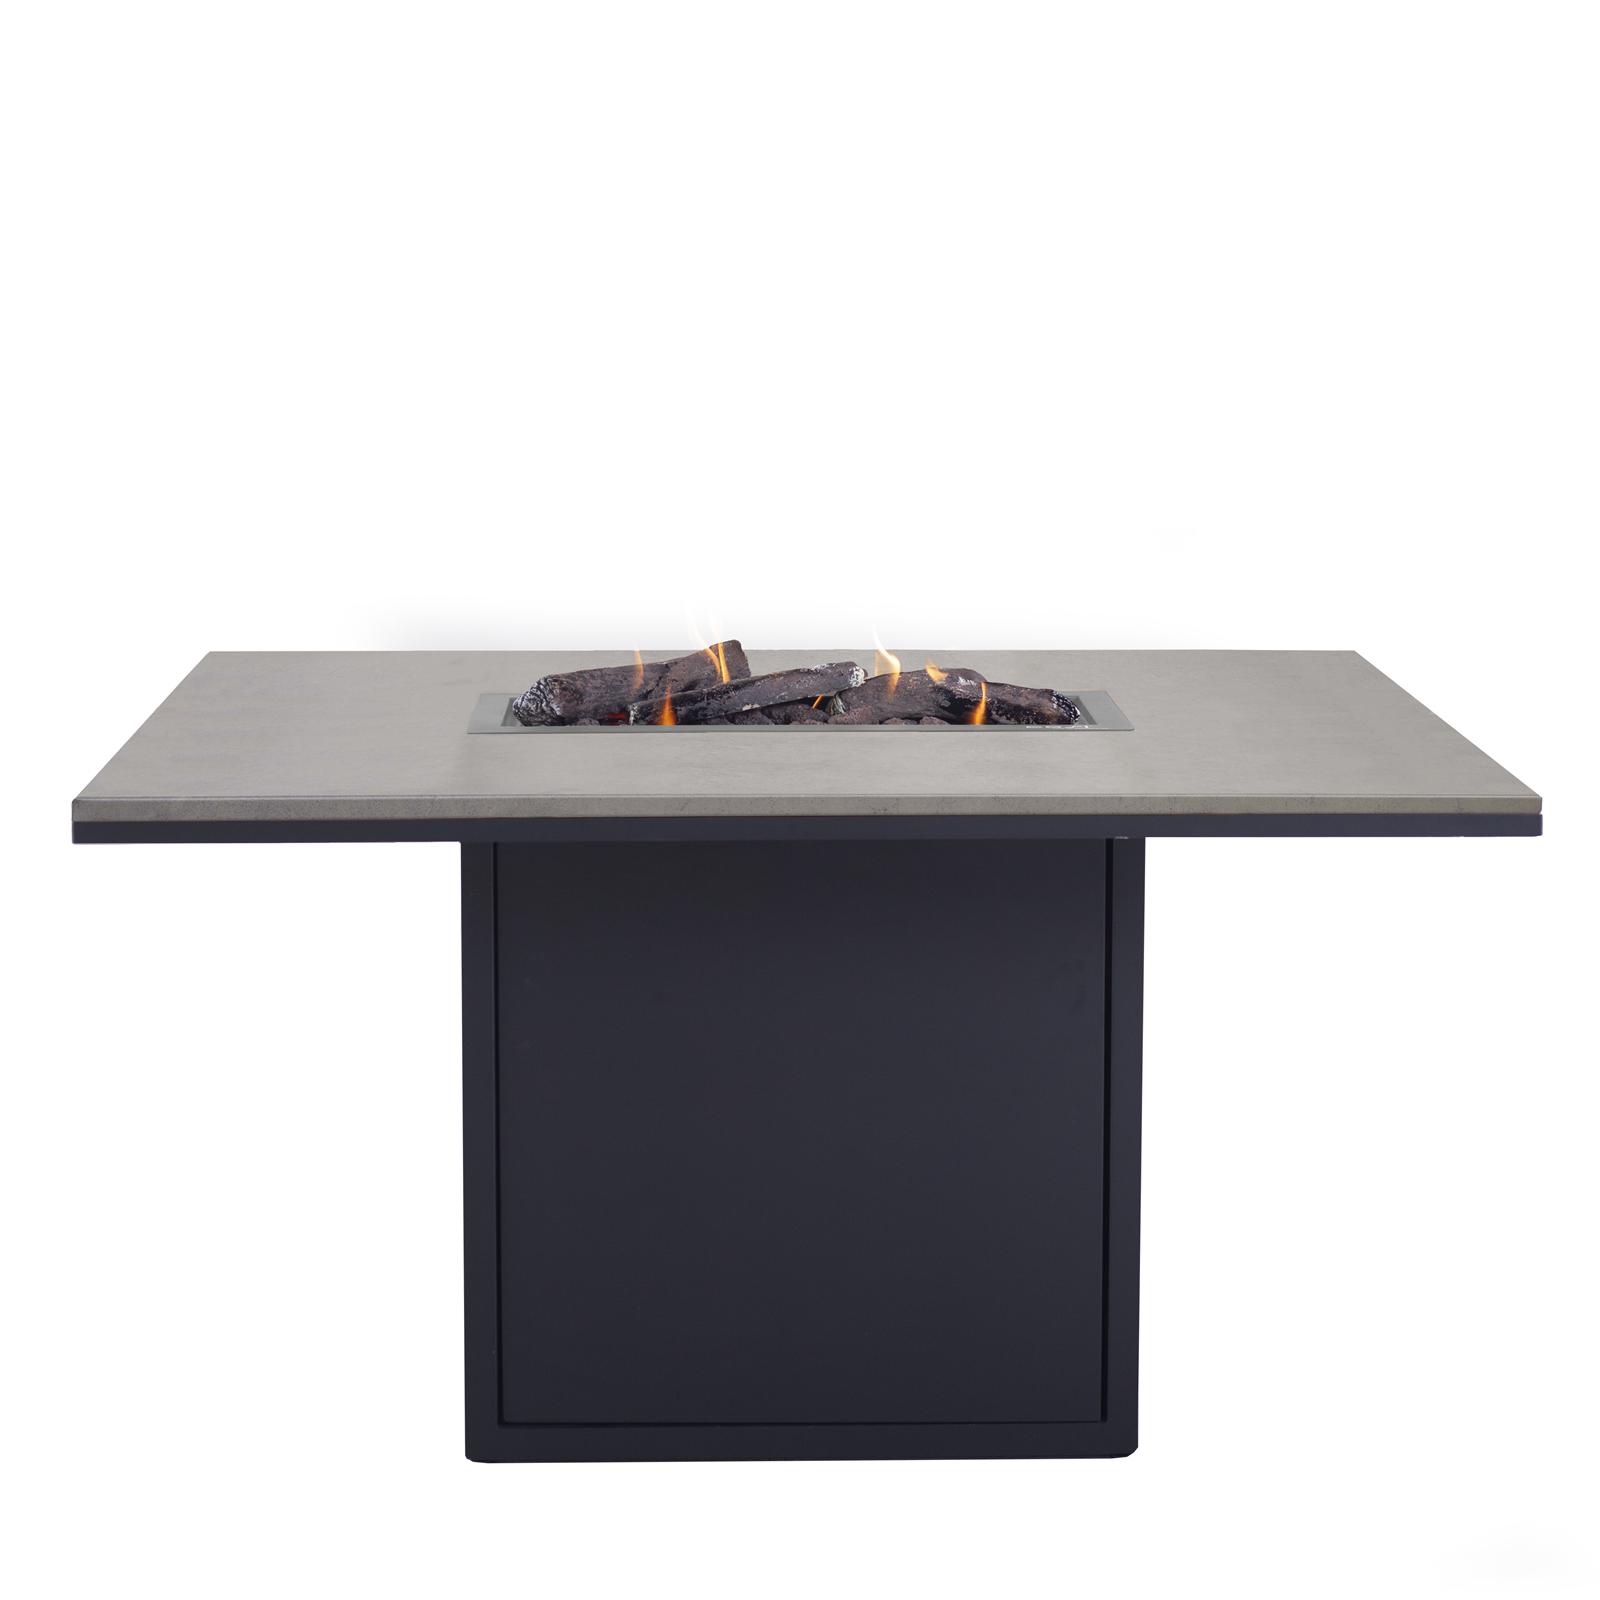 Cosi Fires vuurtafels en gaslantaarns Cosi Fires high dining tafel/vuurtafel Cosiloft, afm. 120 x 80 x 70 cm, zwart met grijs blad